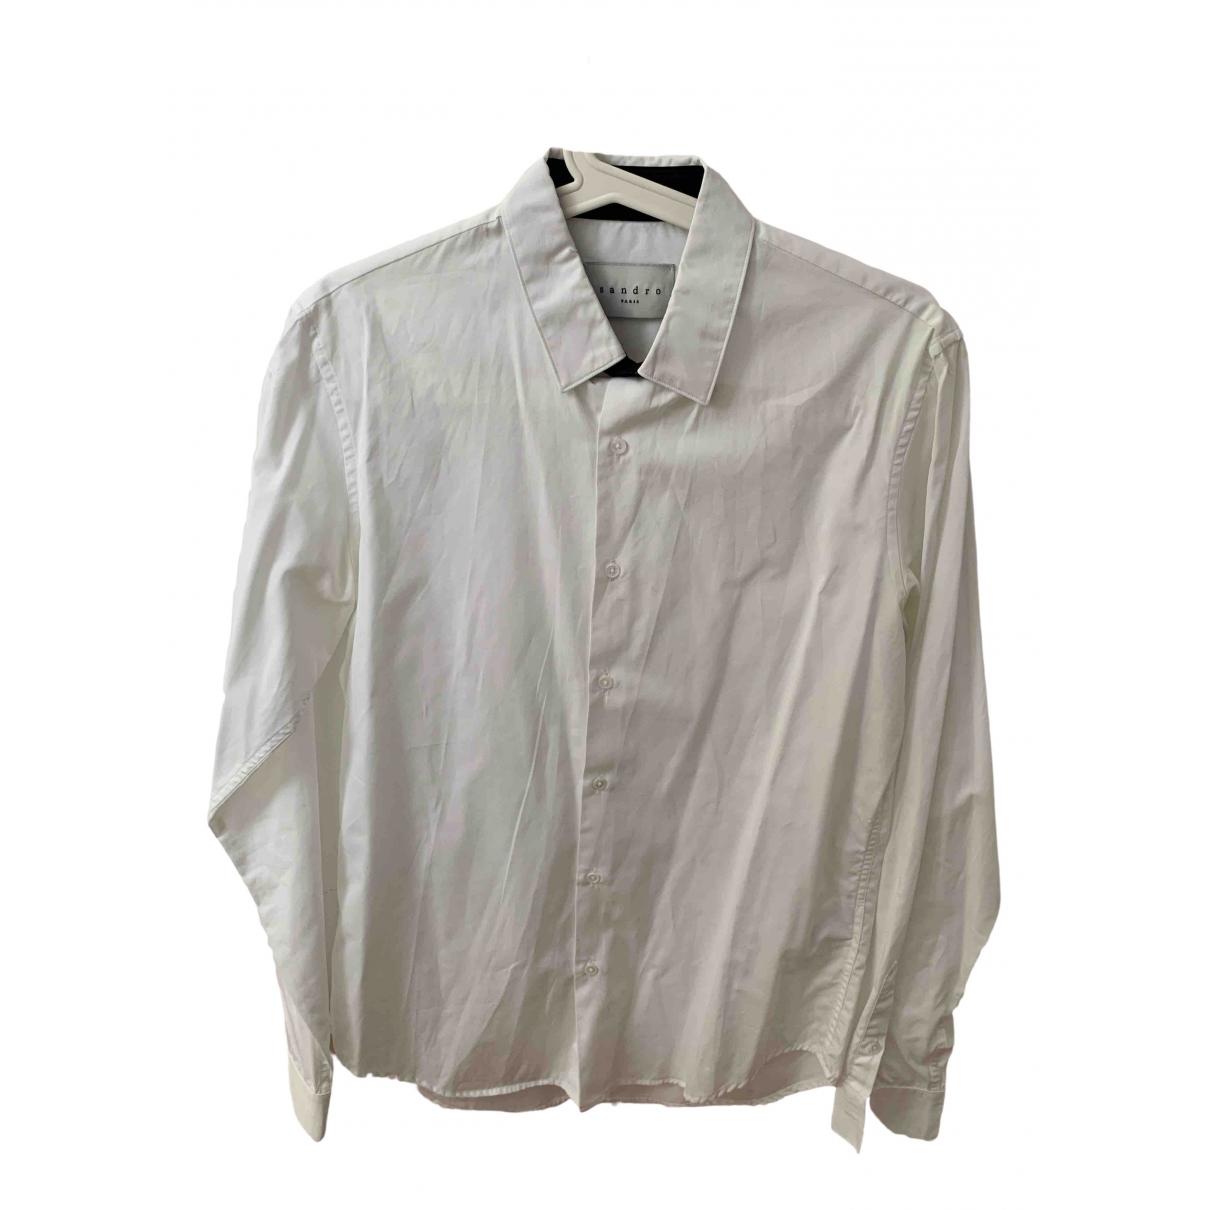 Sandro \N White Cotton Shirts for Men 38 EU (tour de cou / collar)